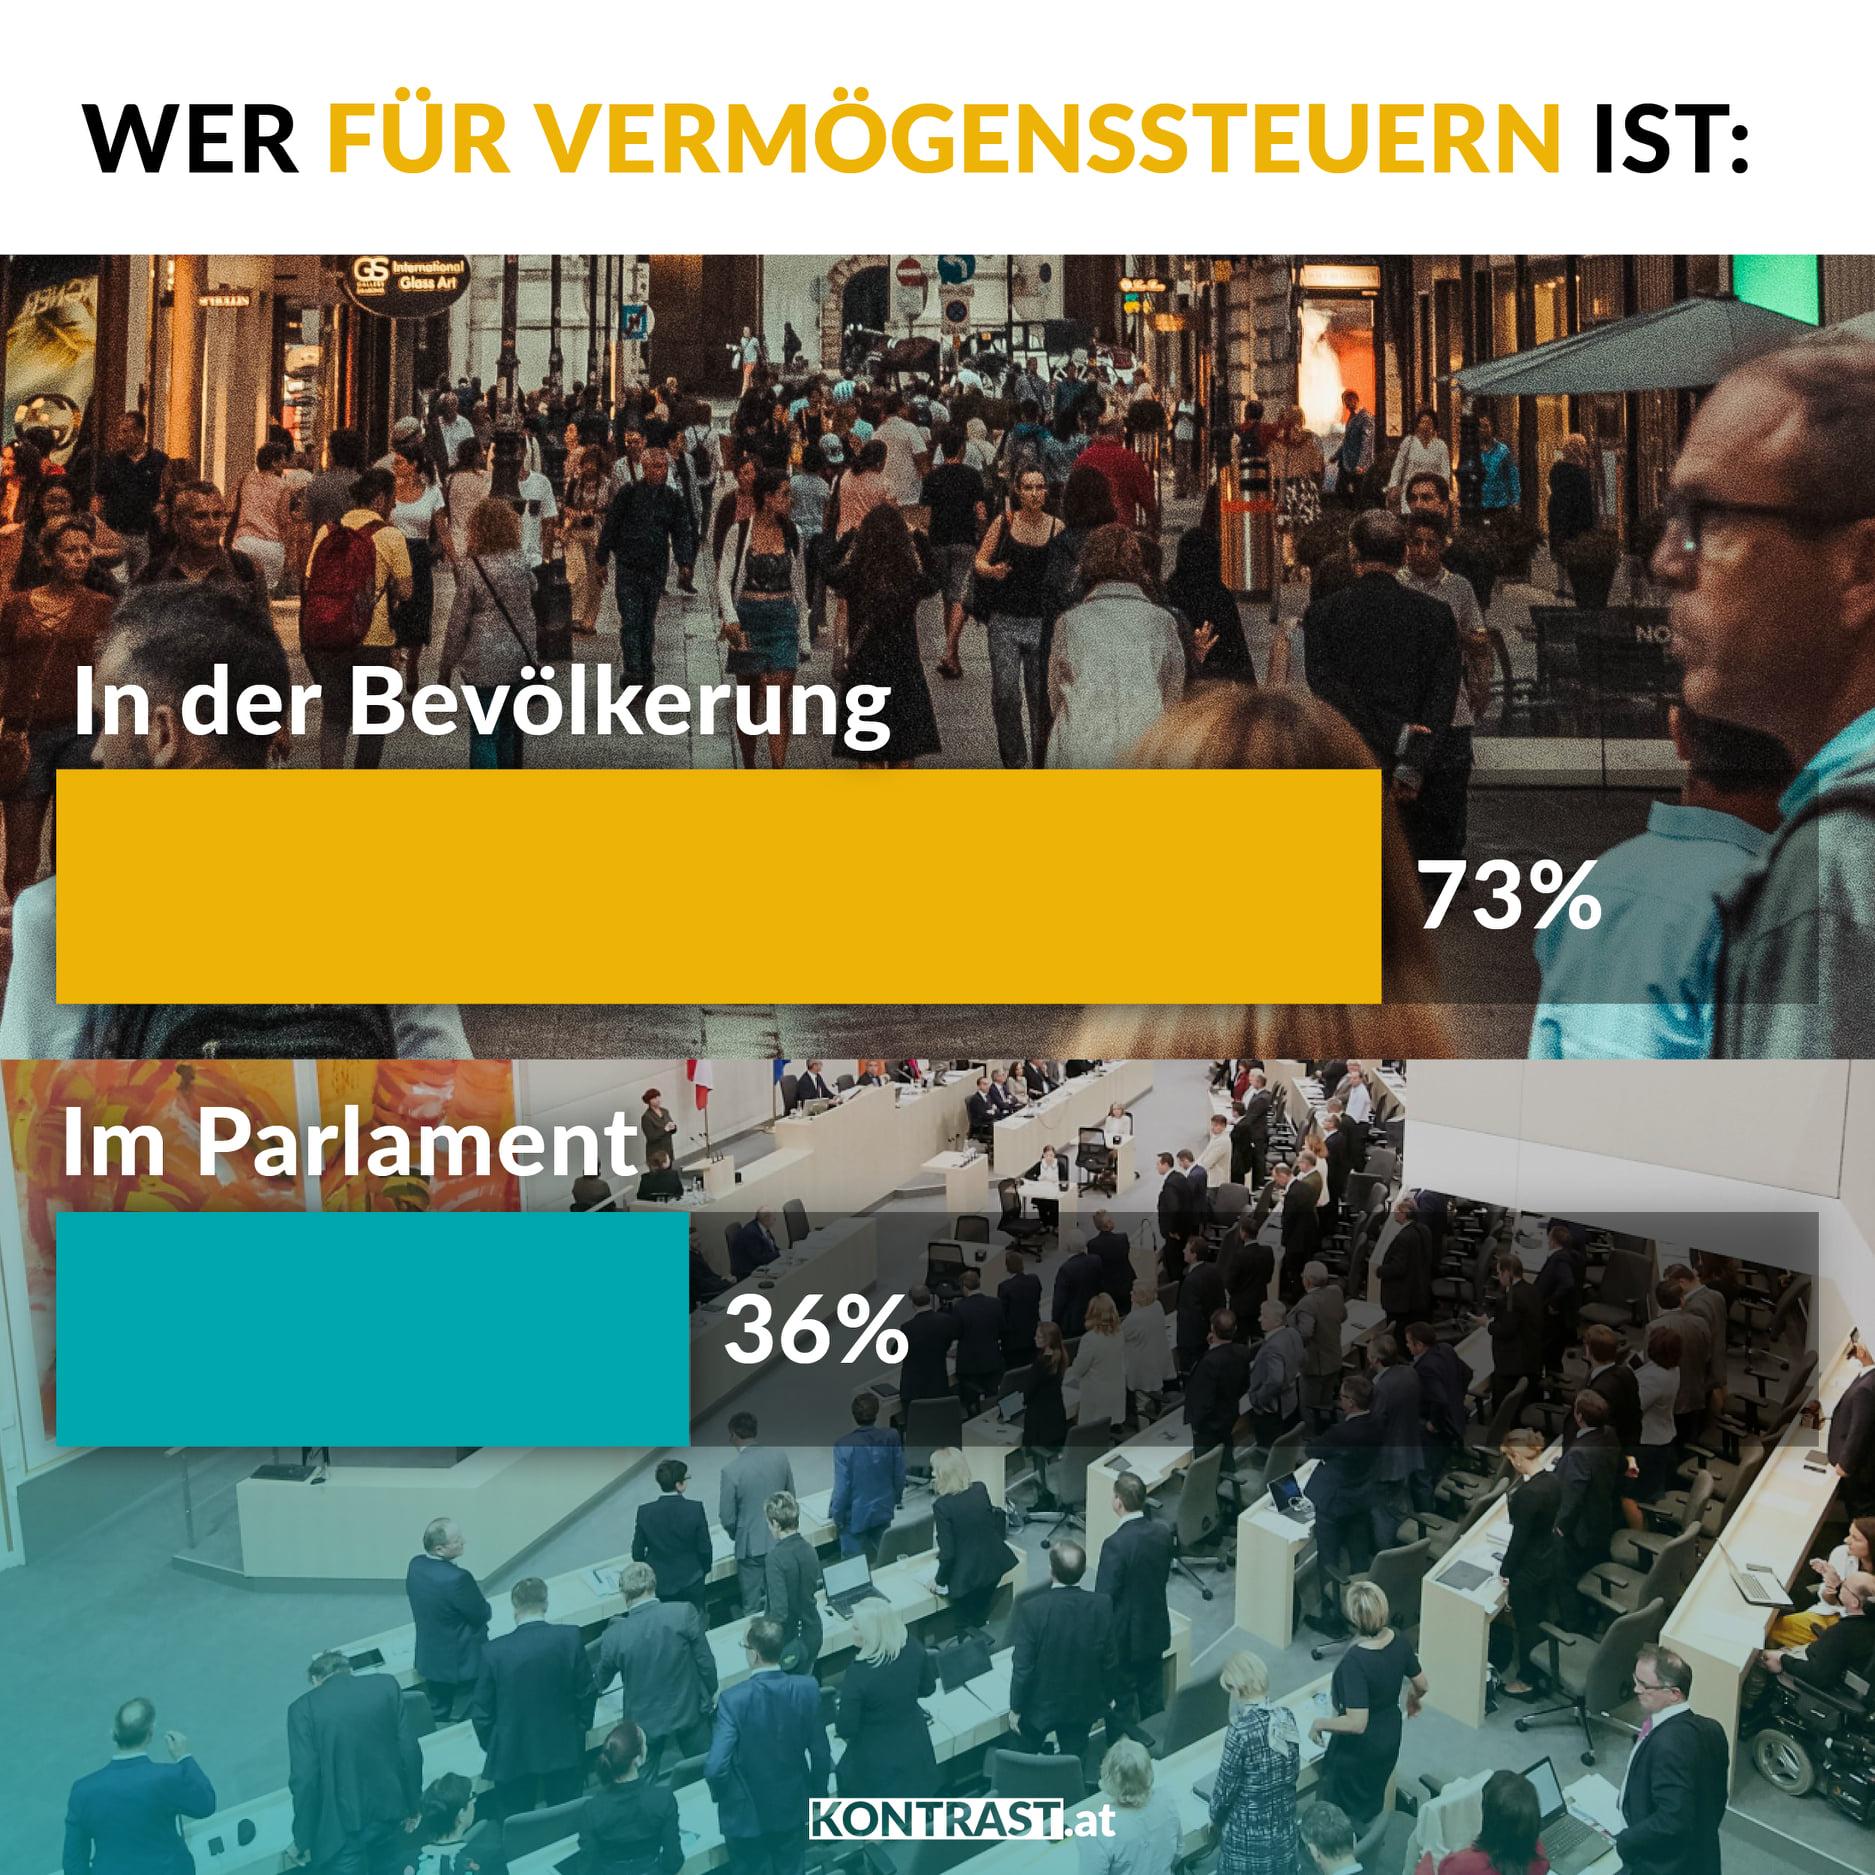 alle corona-massnahmen und fehler in österreich: keine Vermögenssteuer